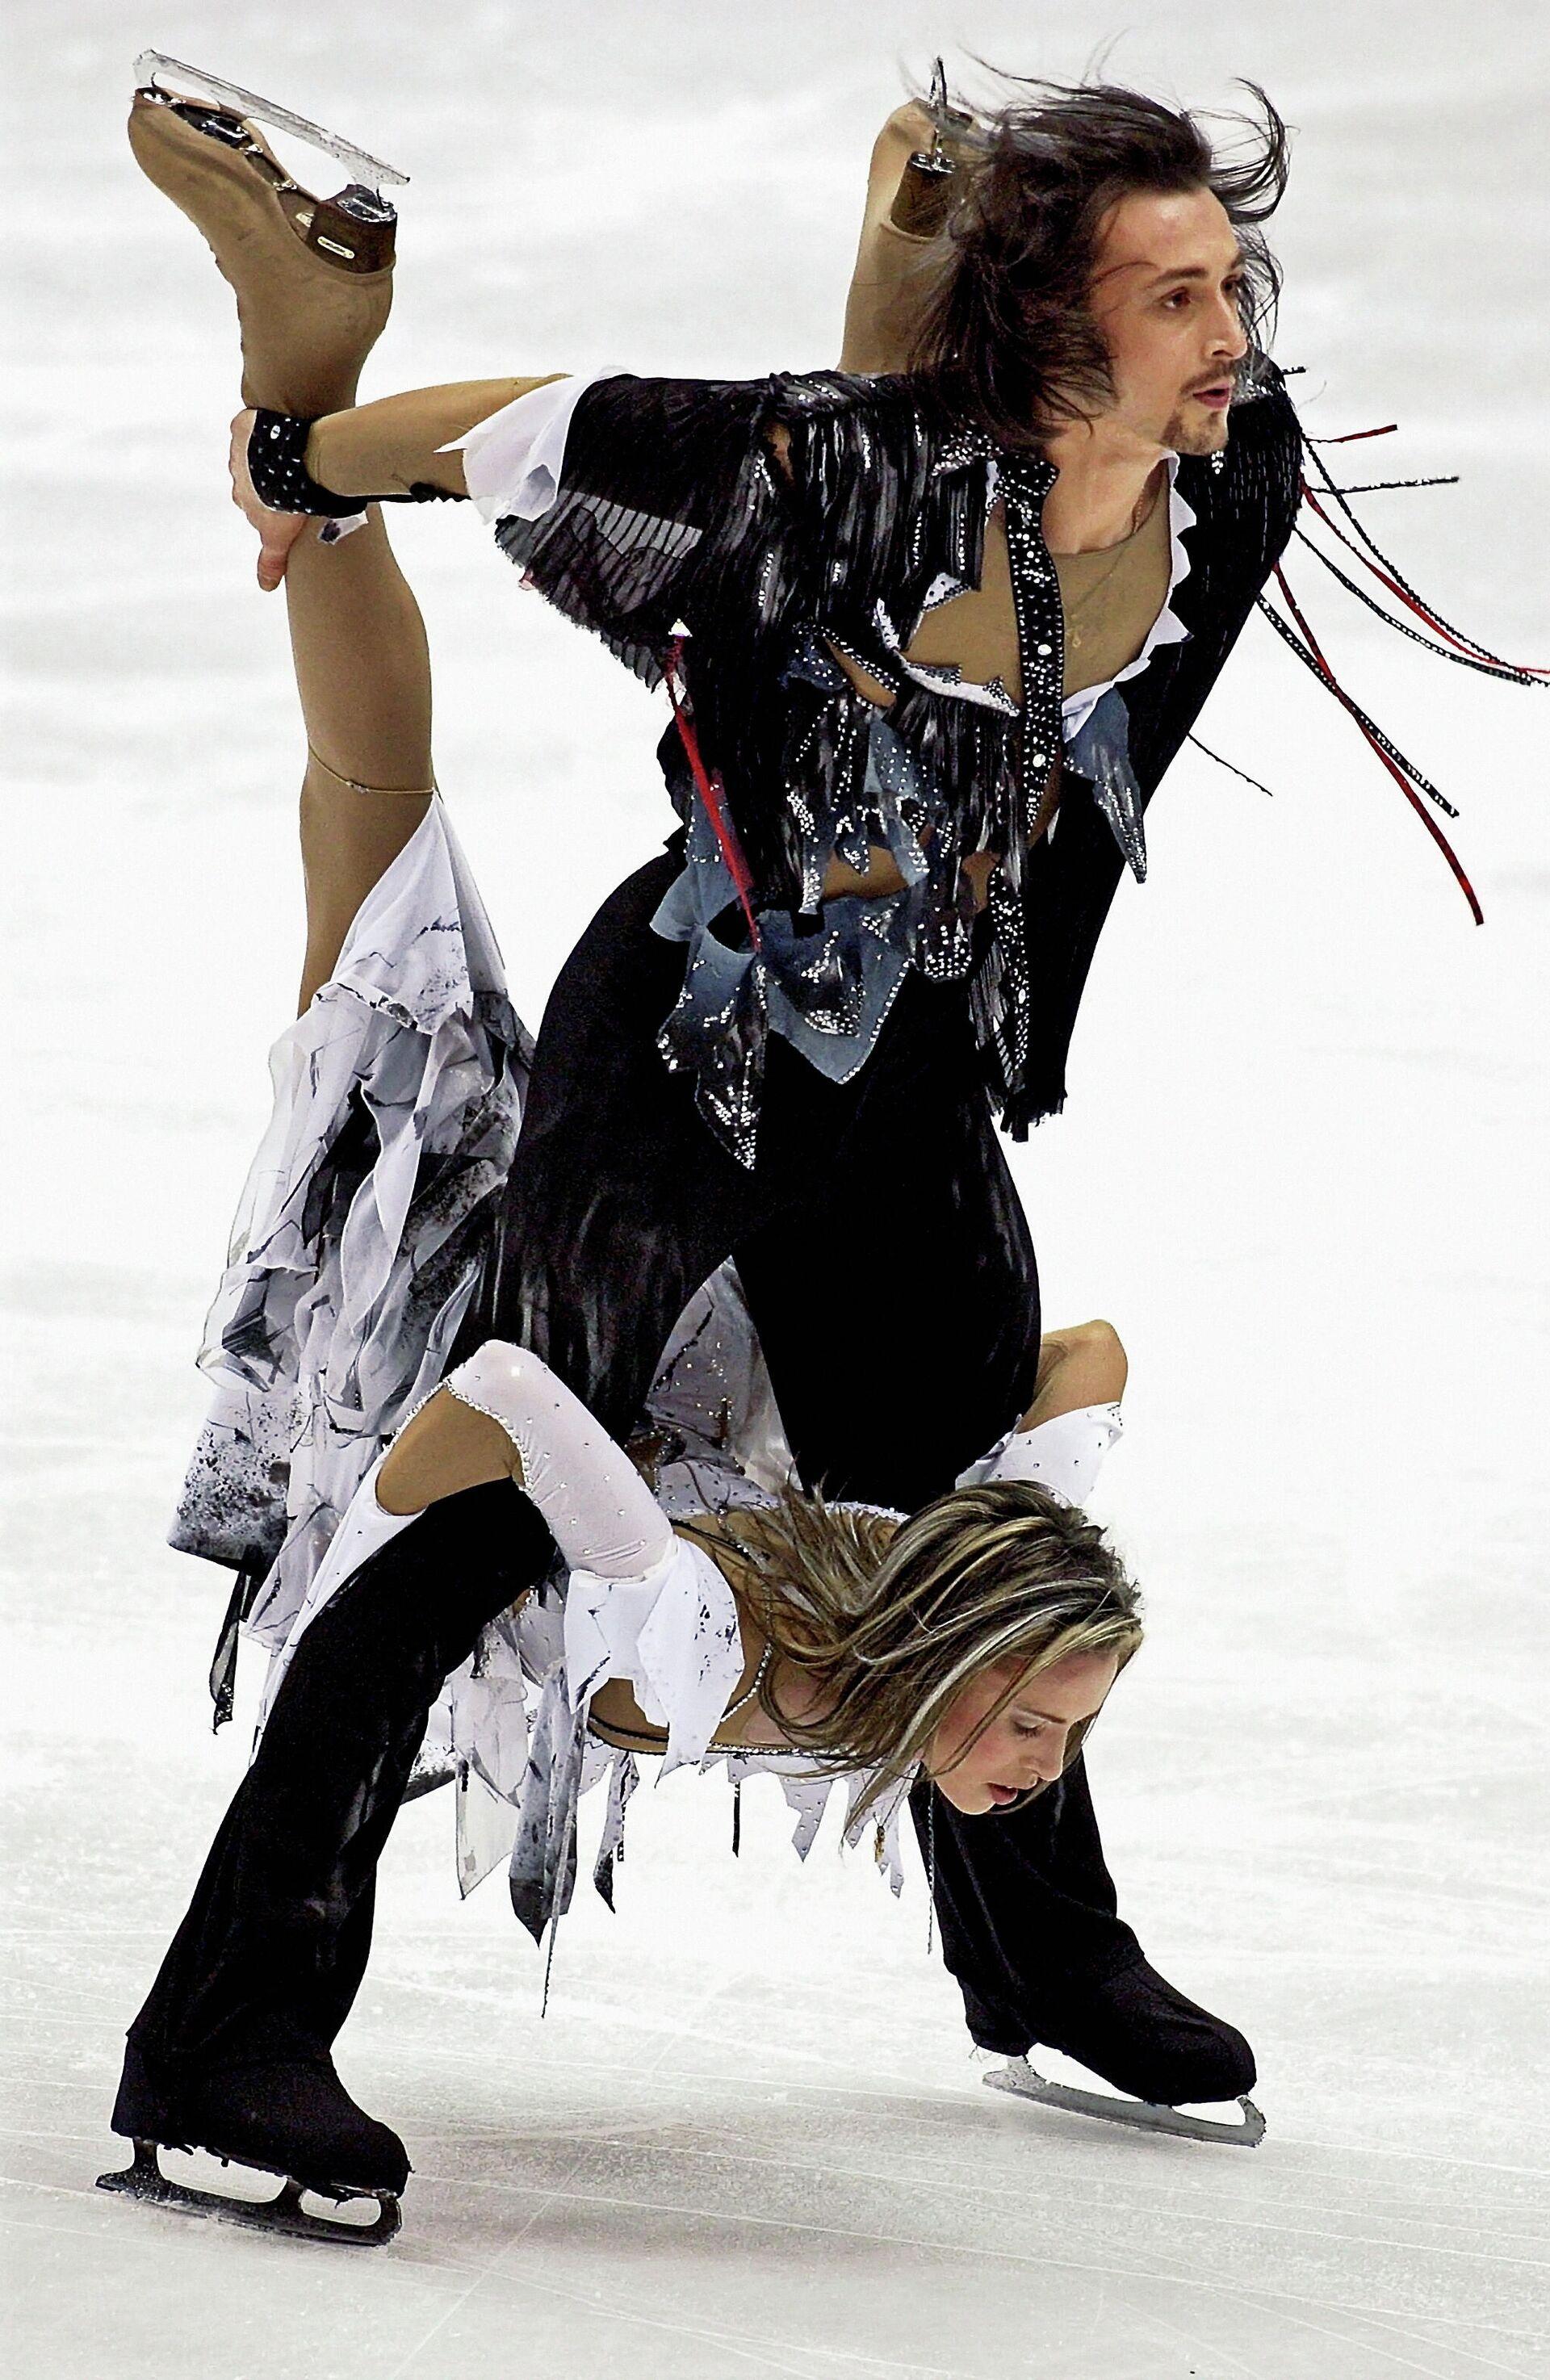 Ирина Лобачева и Илья Авербух на Олимпийских играх 2002 года - РИА Новости, 1920, 13.10.2021